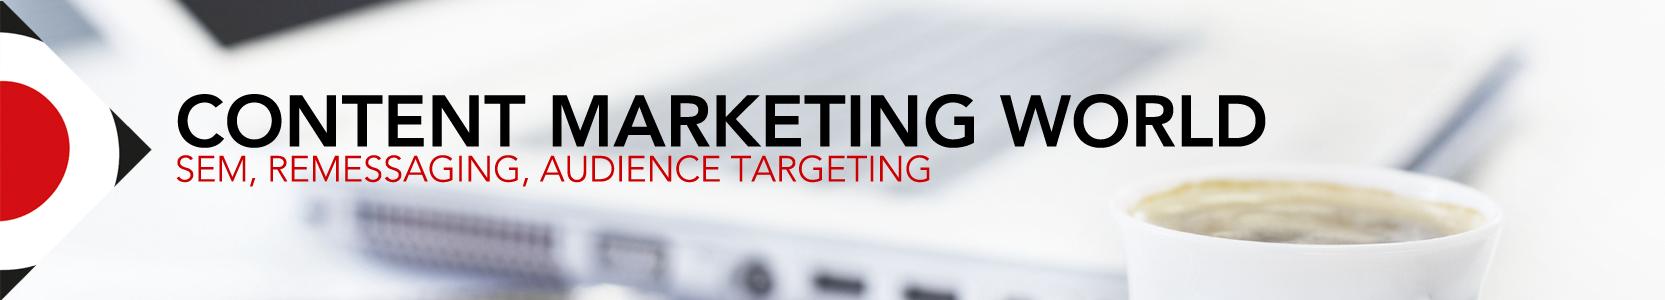 content marketing world header